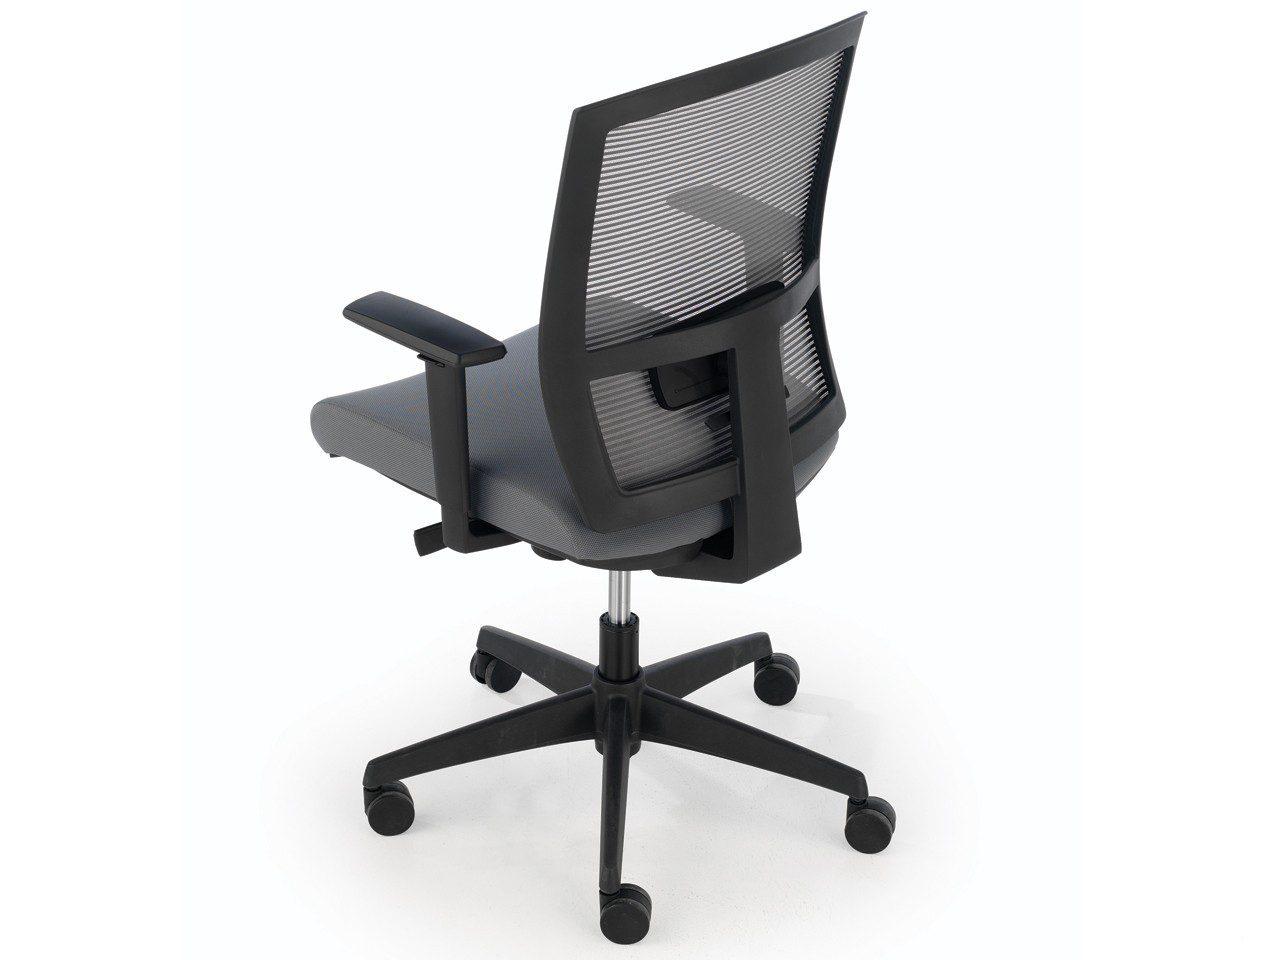 Silla escritorio kendo sillas de calidad muebles de for Sillas de oficina profesionales